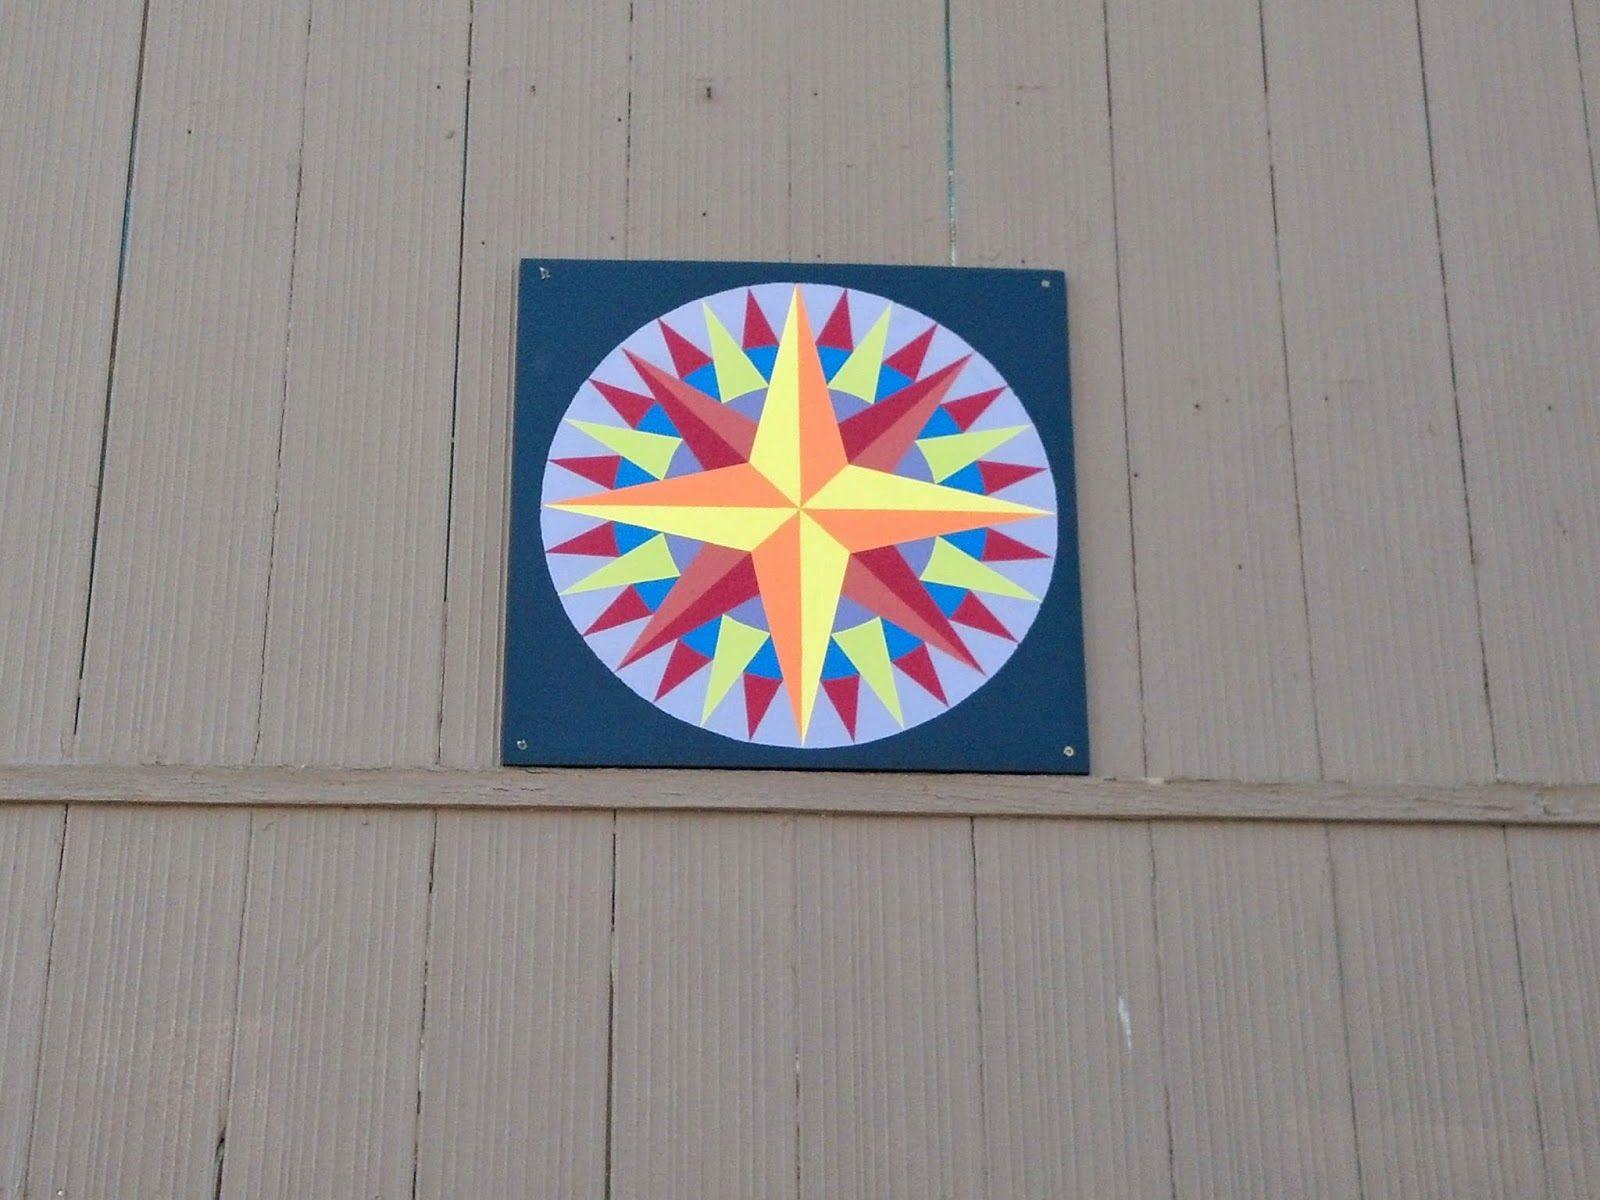 Kansas dickinson county abilene - Welcome To The Eisenhower Barn Quilt Trail In Historic Abilene Dickinson County Eisenhower Quilt Trail Headquarters L